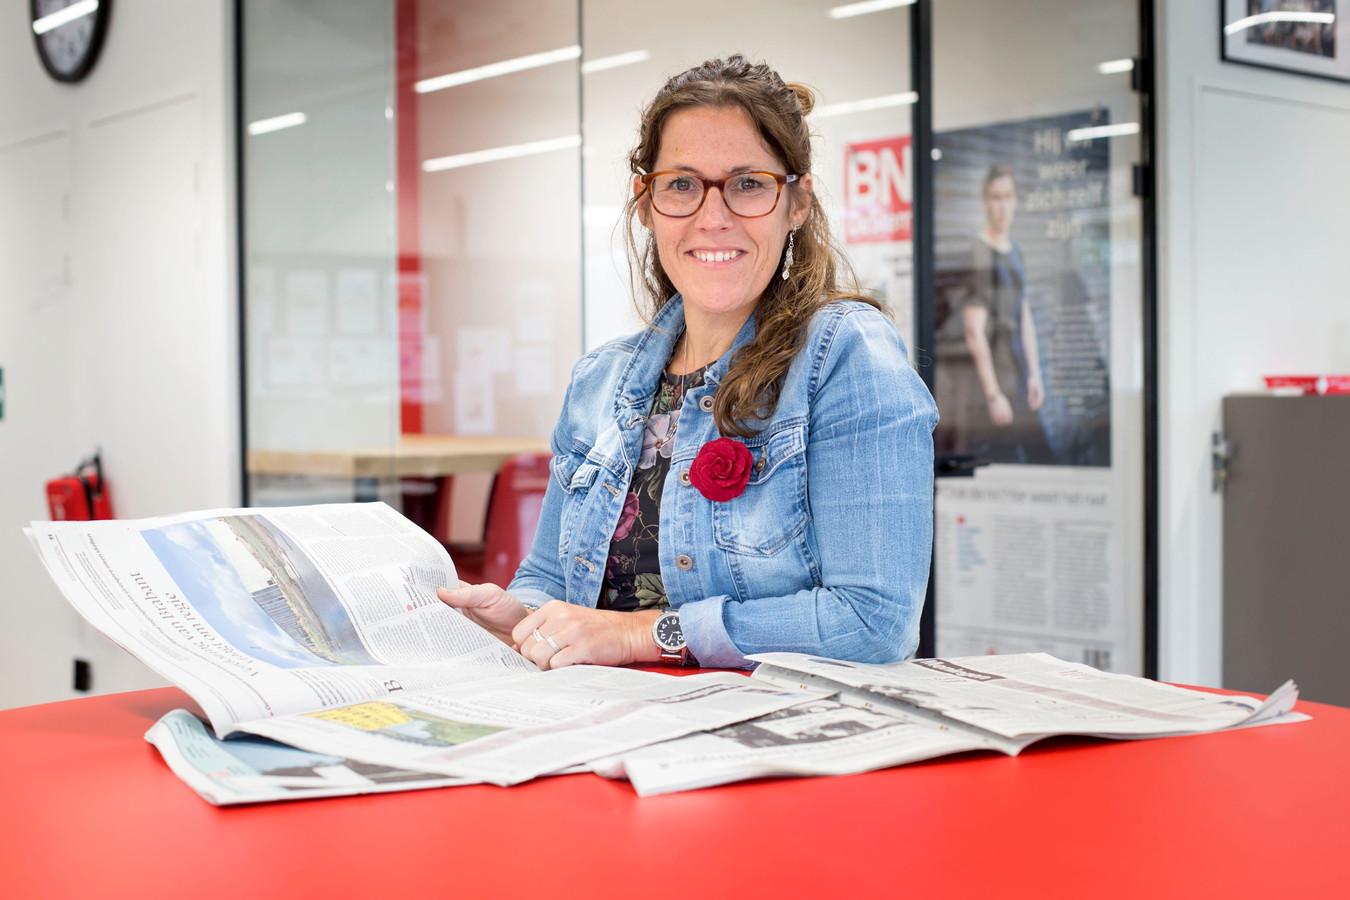 Opinieredacteur Susanne den Boer op de redactie van BN DeStem.